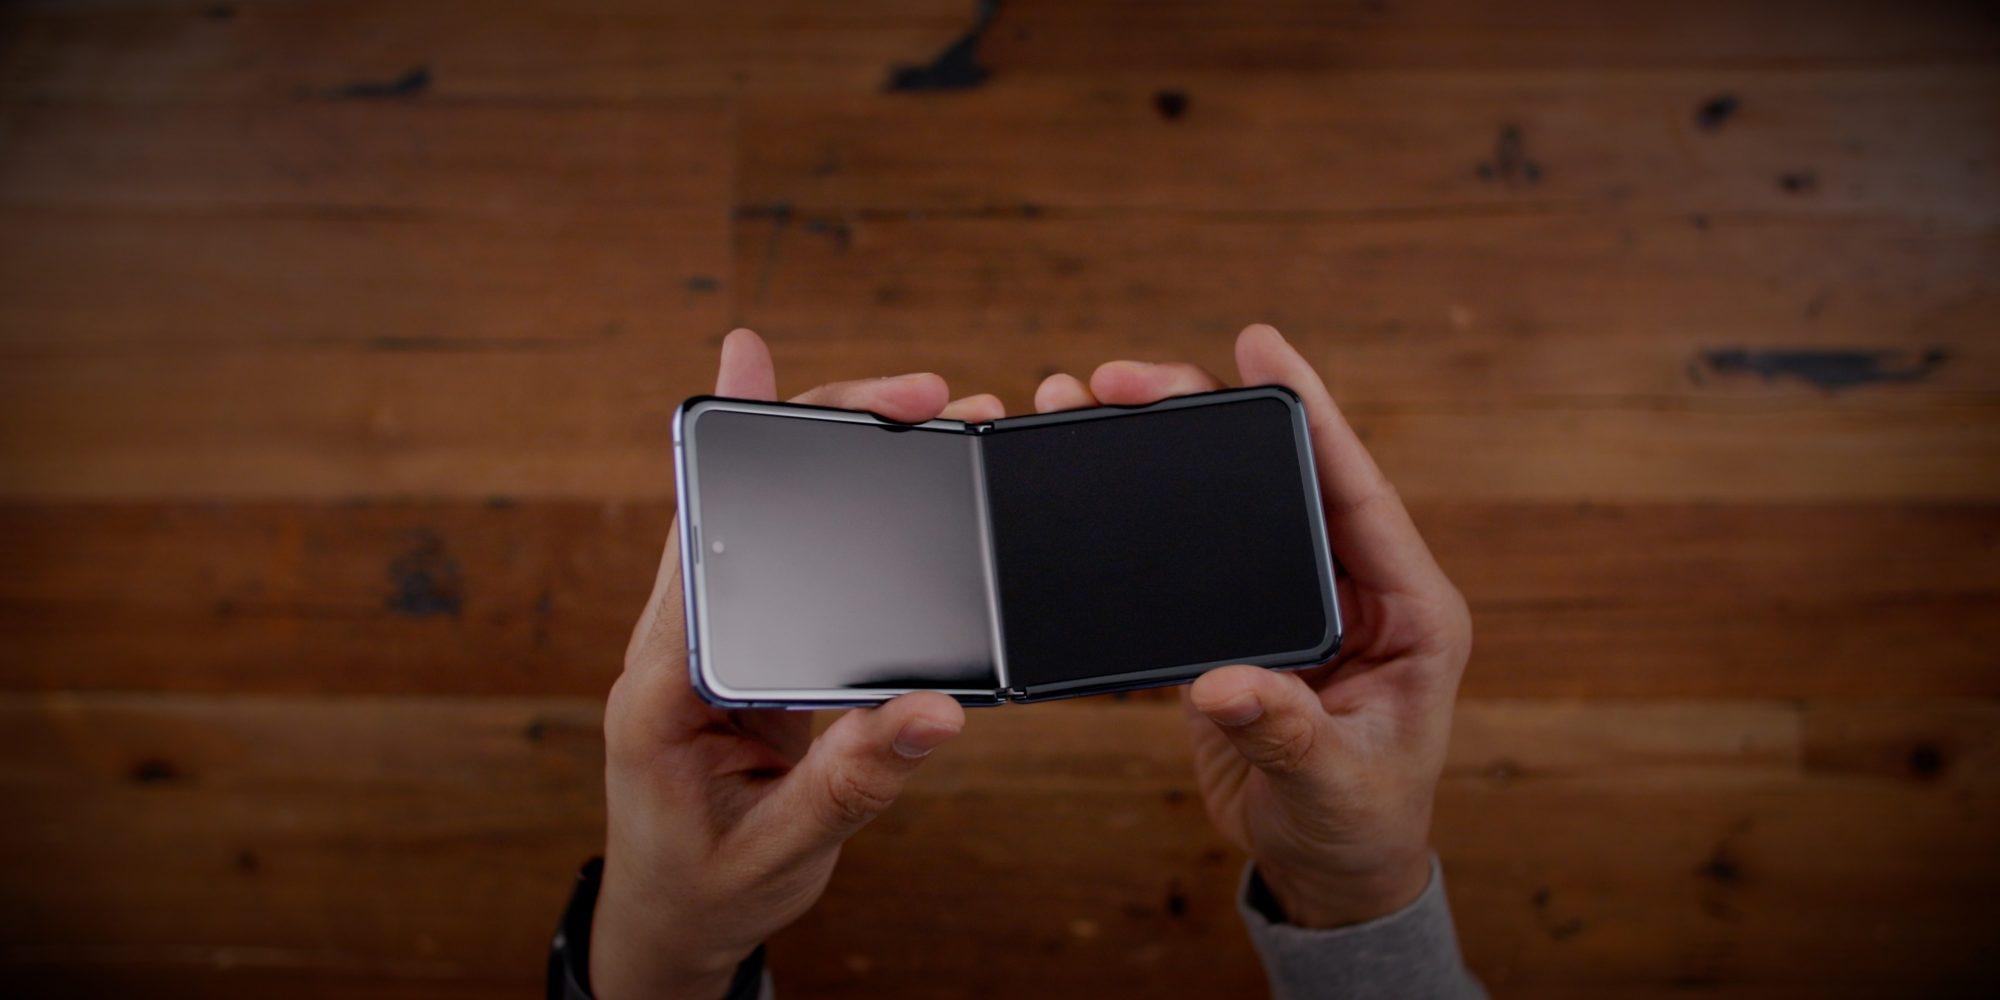 Apple đang phát triển nguyên mẫu iPhone có thể gập lại 1